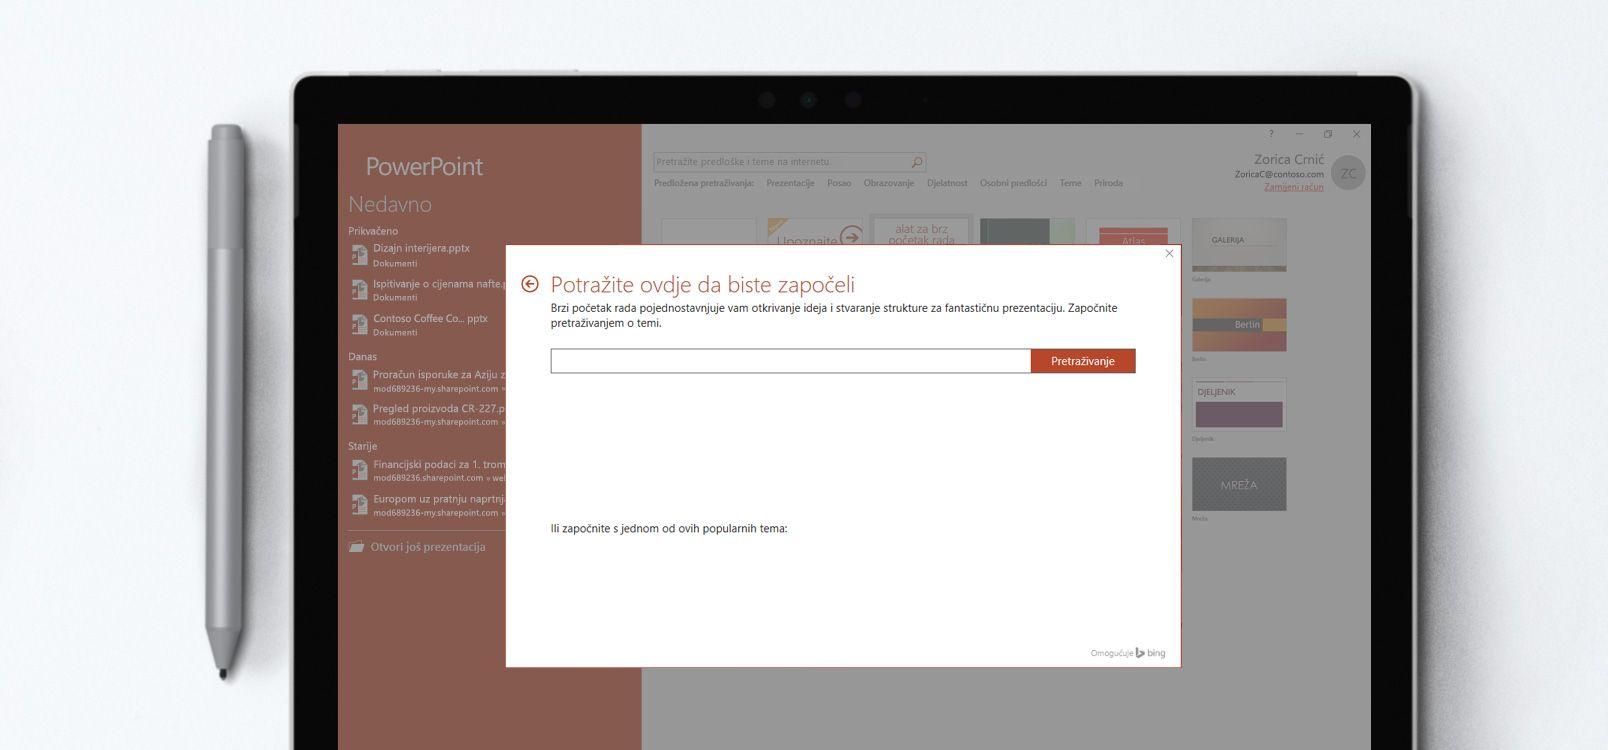 Zaslon tableta s prikazom dokumenta programa PowerPoint u kojem se koristi značajka Alat za brzi početak rada